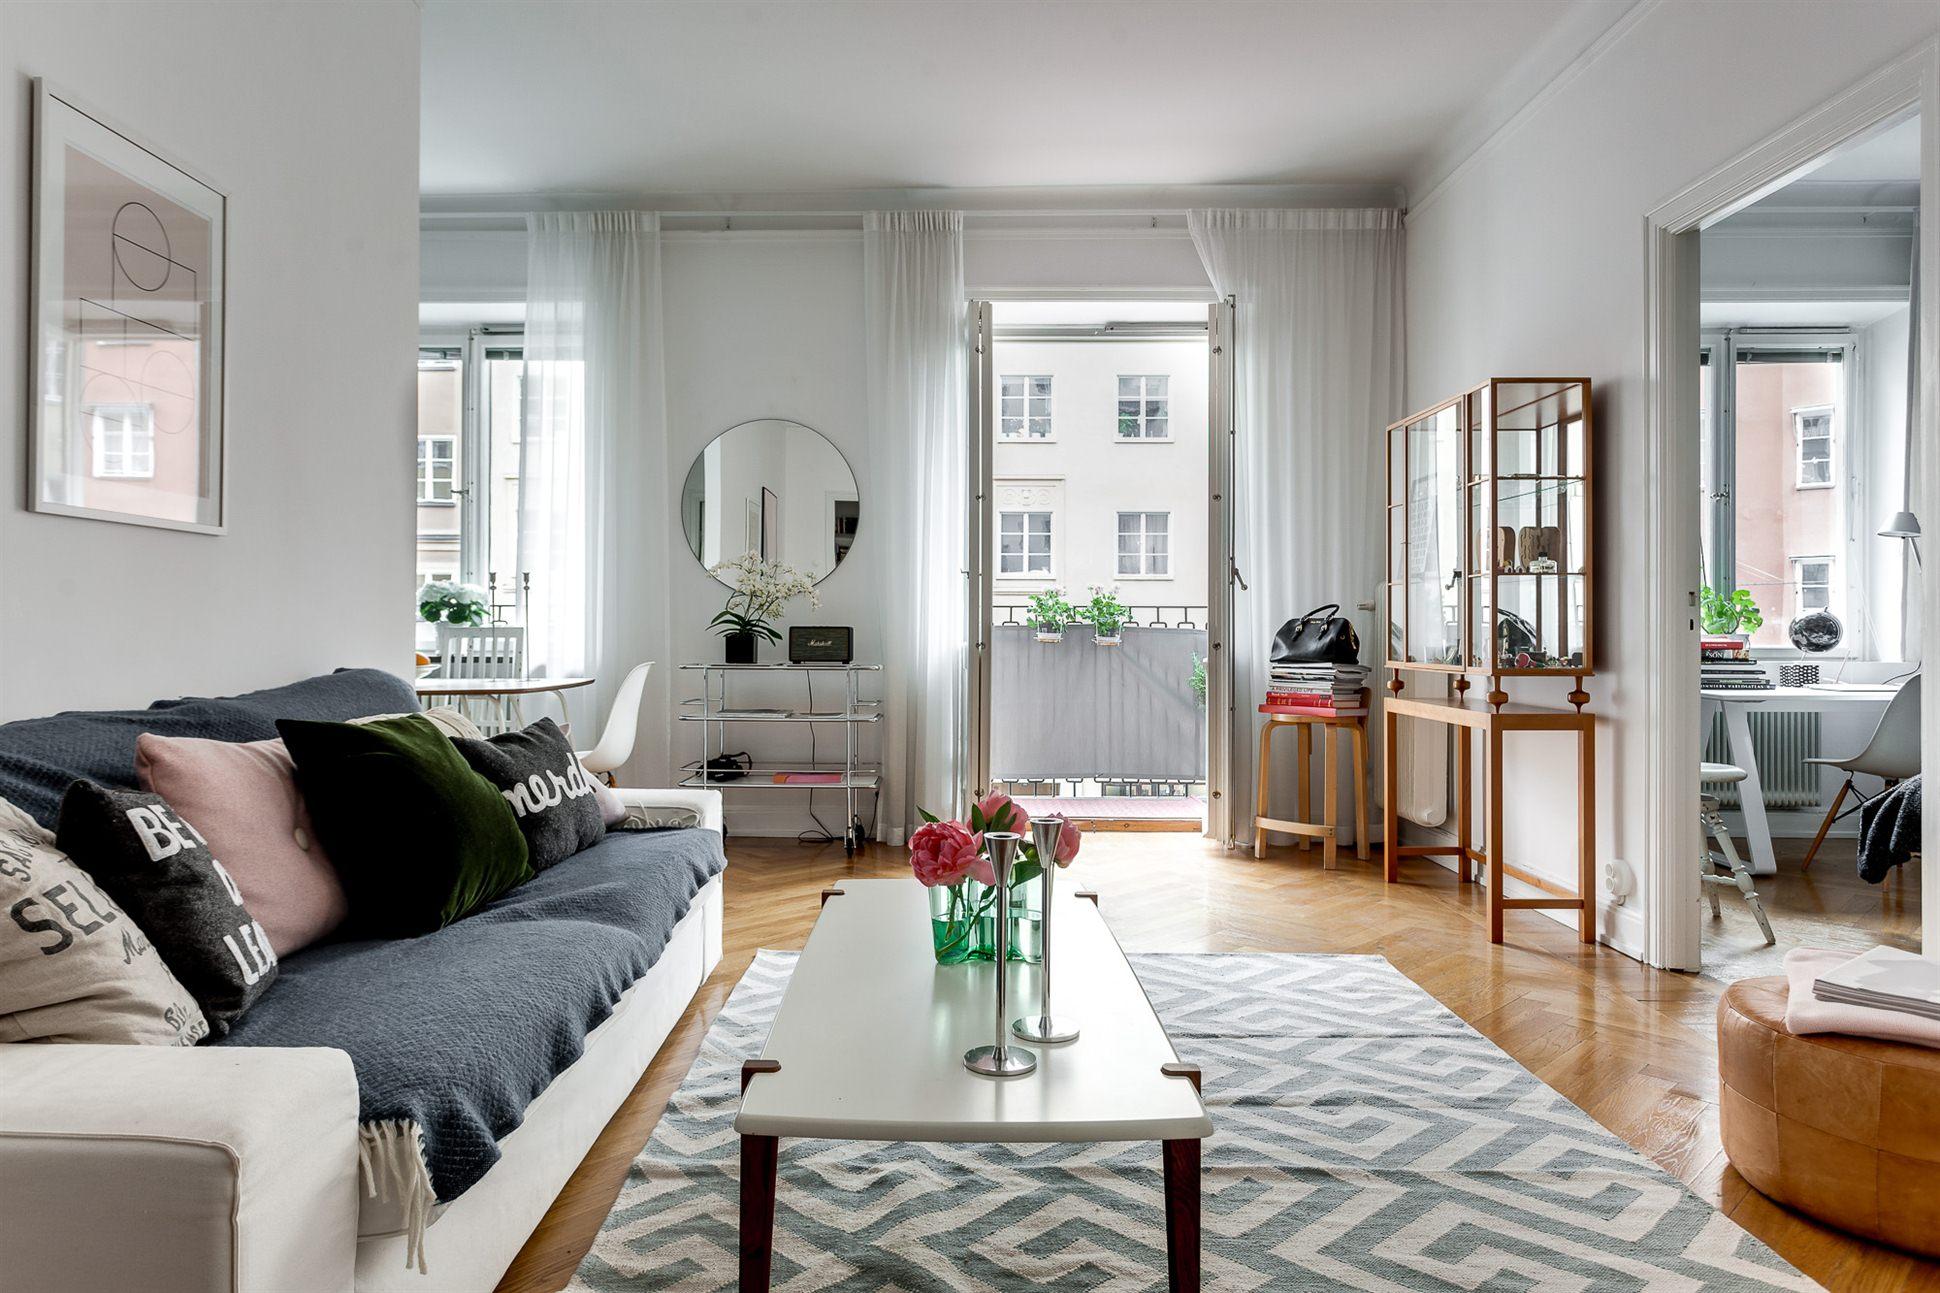 Un Refugio De Verano Muy N Rdico Interiores Chic Blog De  ~ Decoracion Modernista Interiores